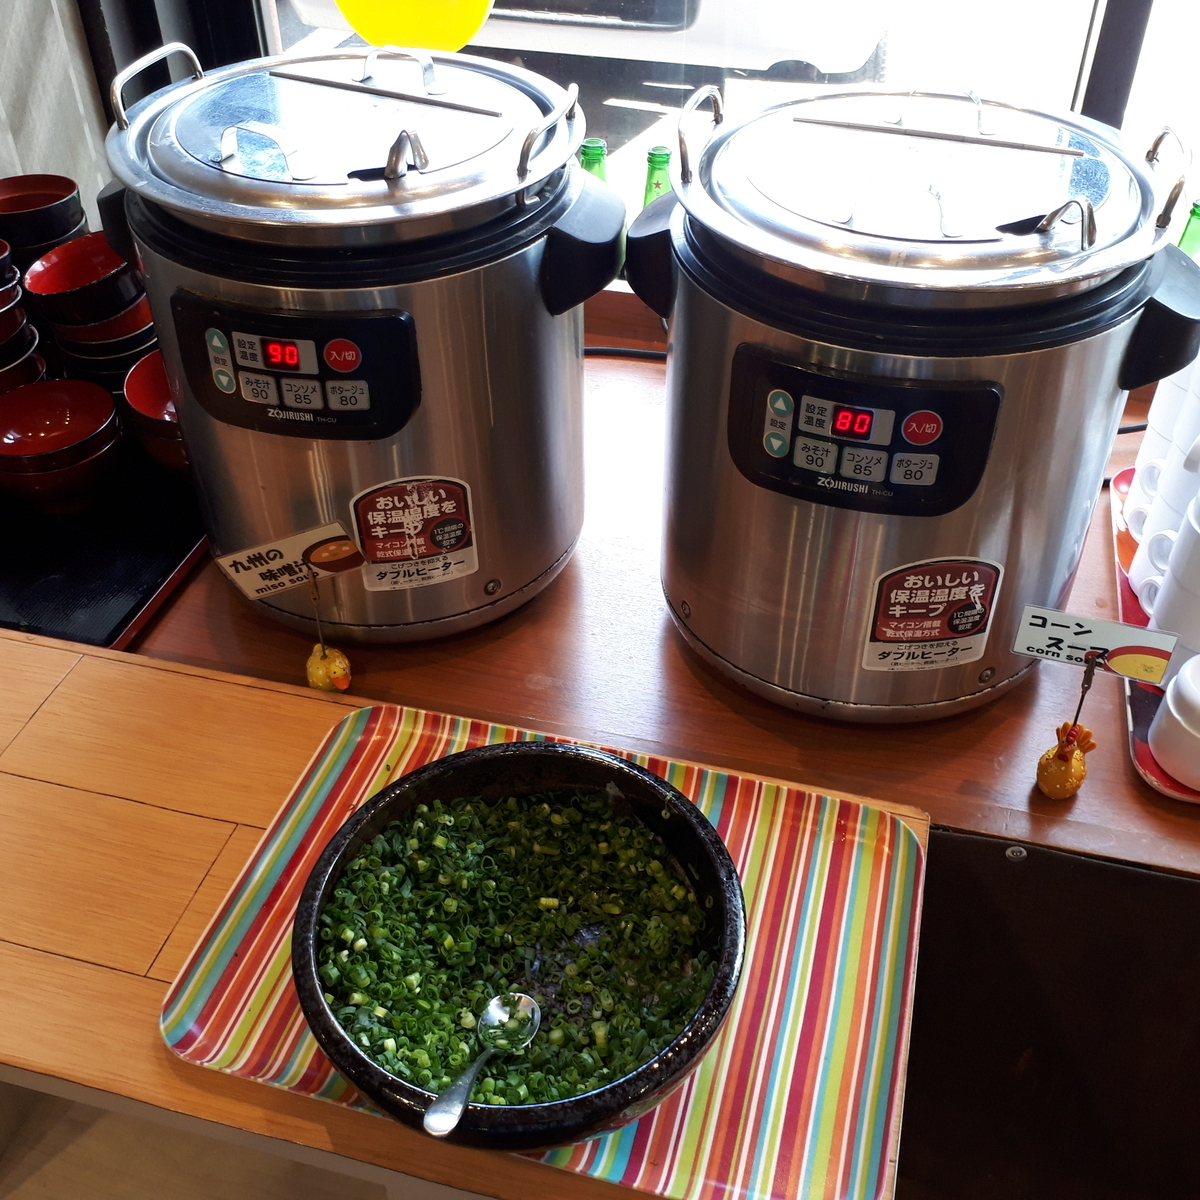 西鉄イン小倉 朝食 みそ汁とコーンスープ